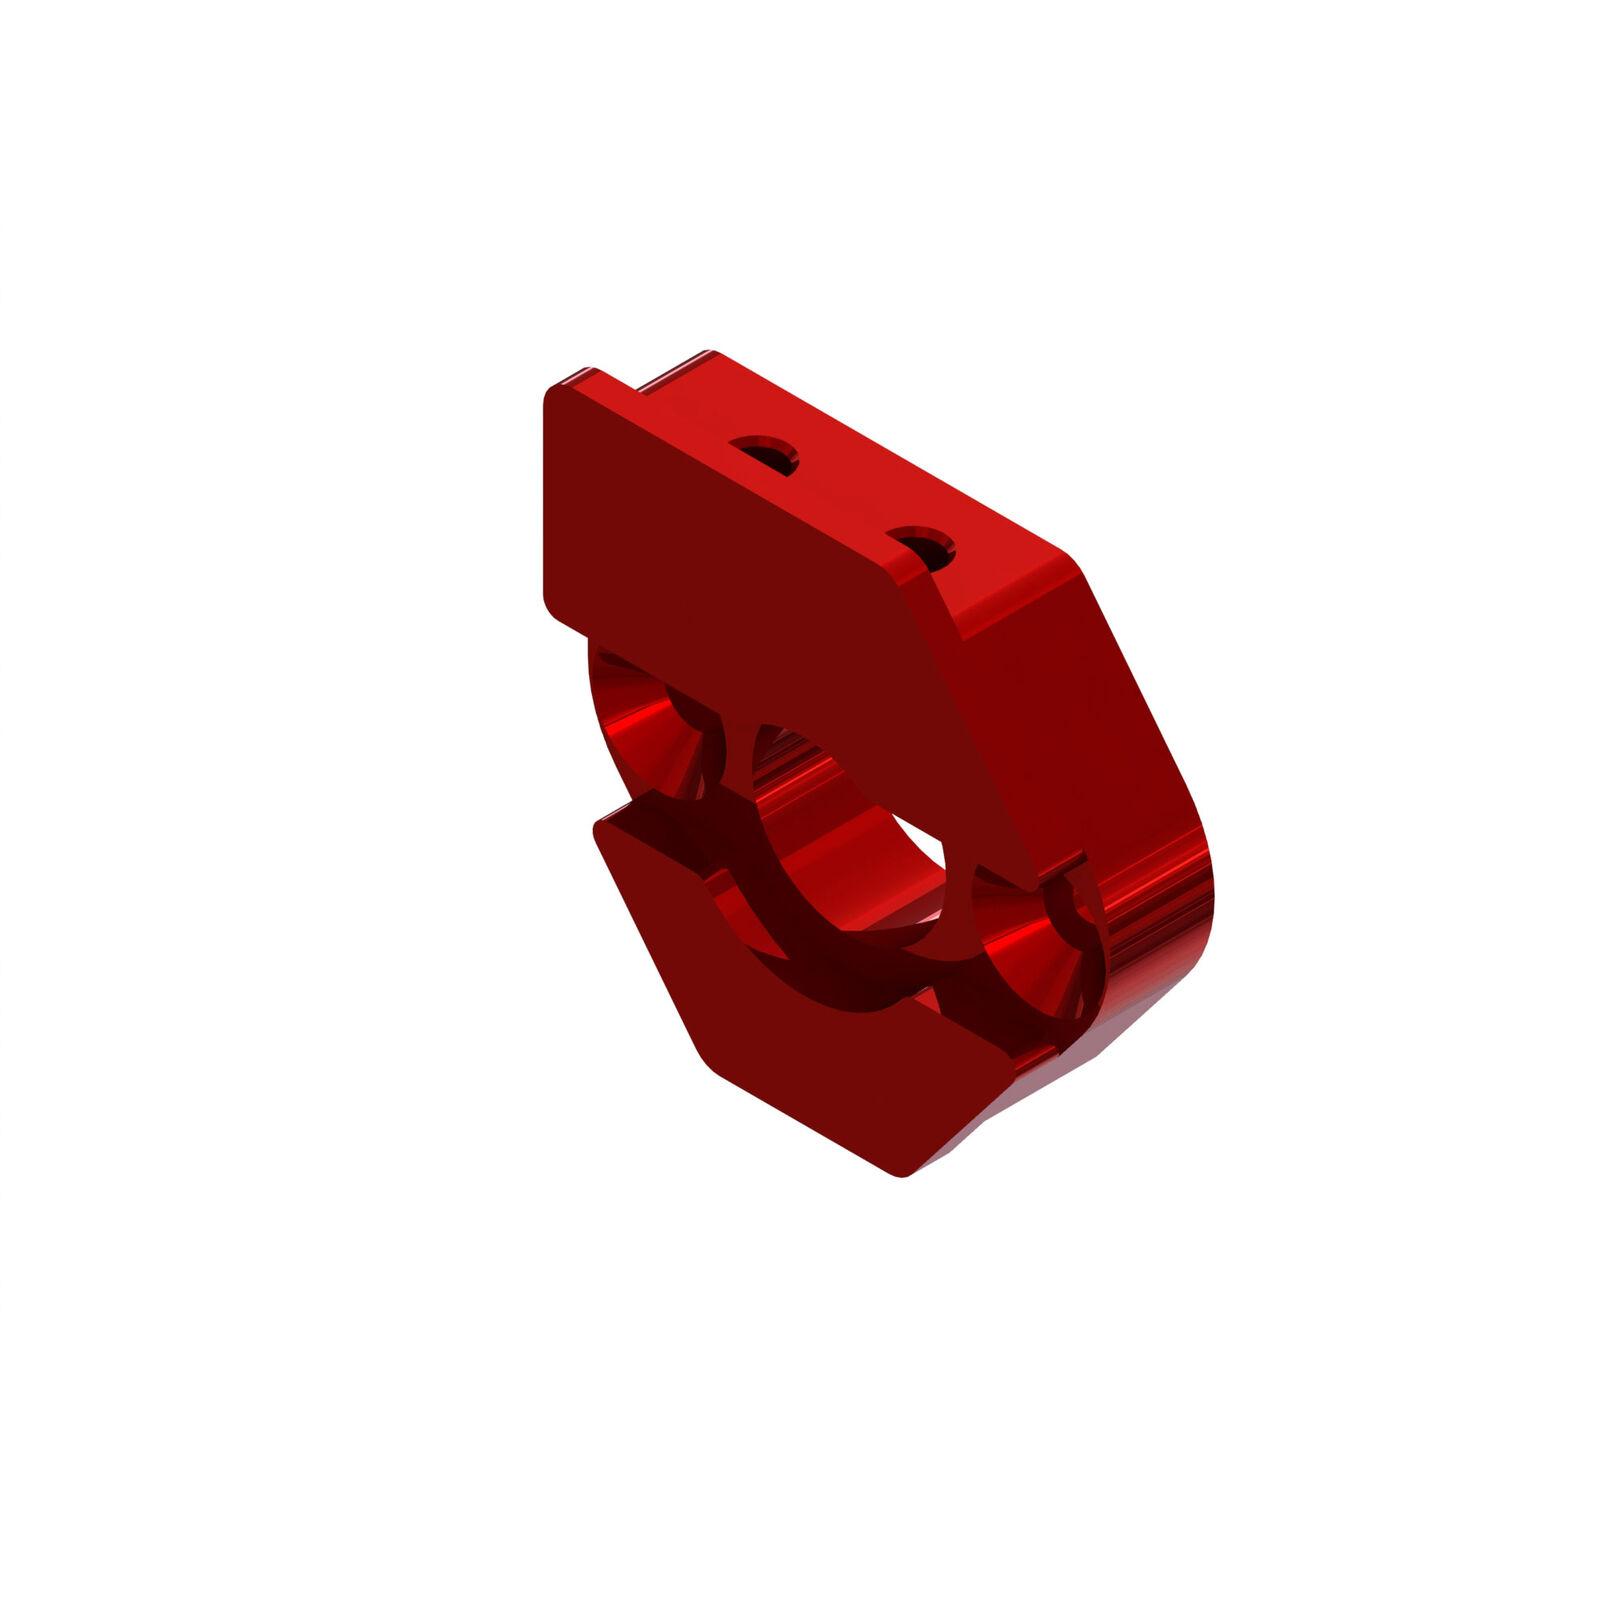 Sliding Motor Mount Plate, Red